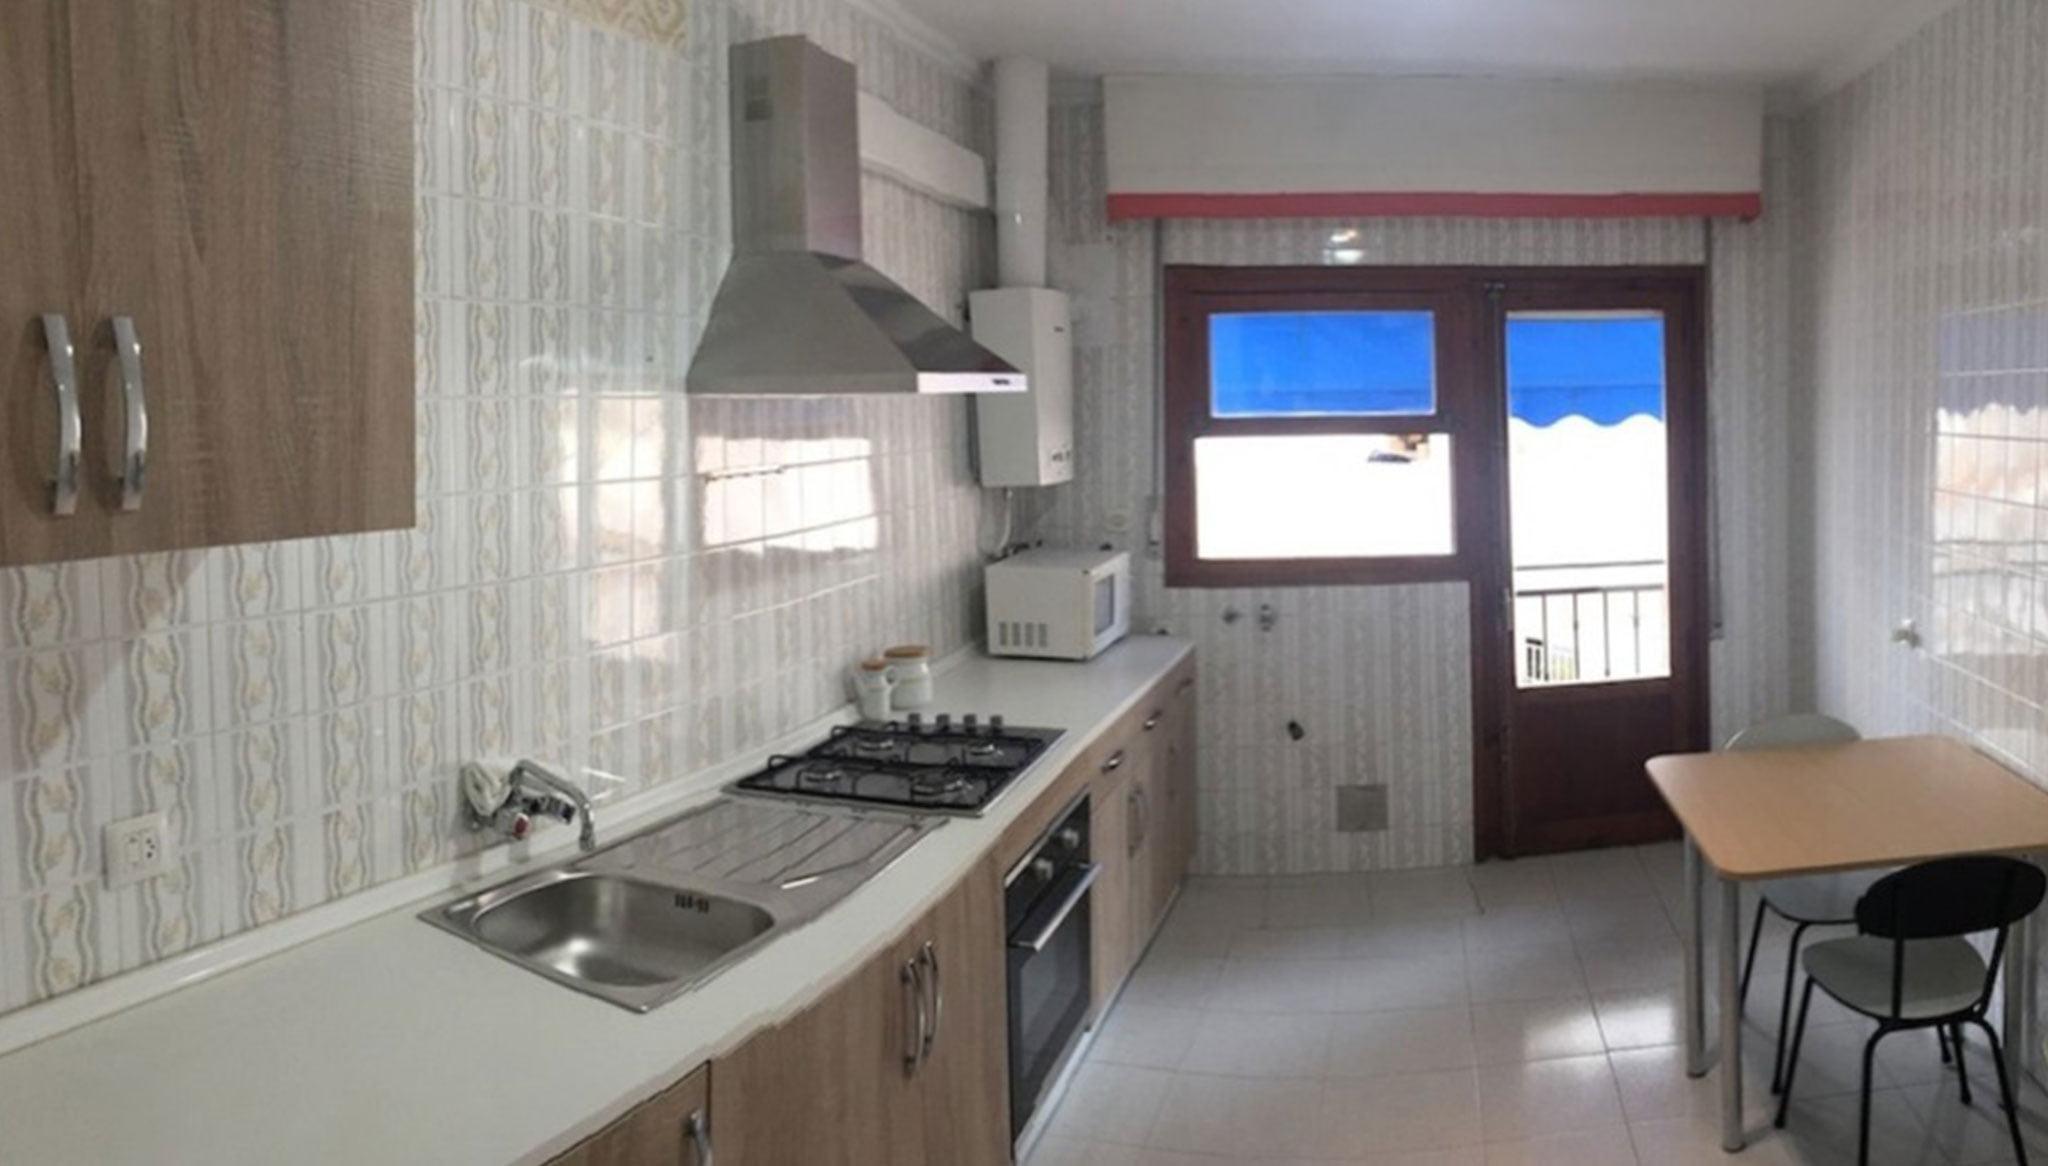 Cocina de una casa en venta en Jávea – Terramar Costa Blanca